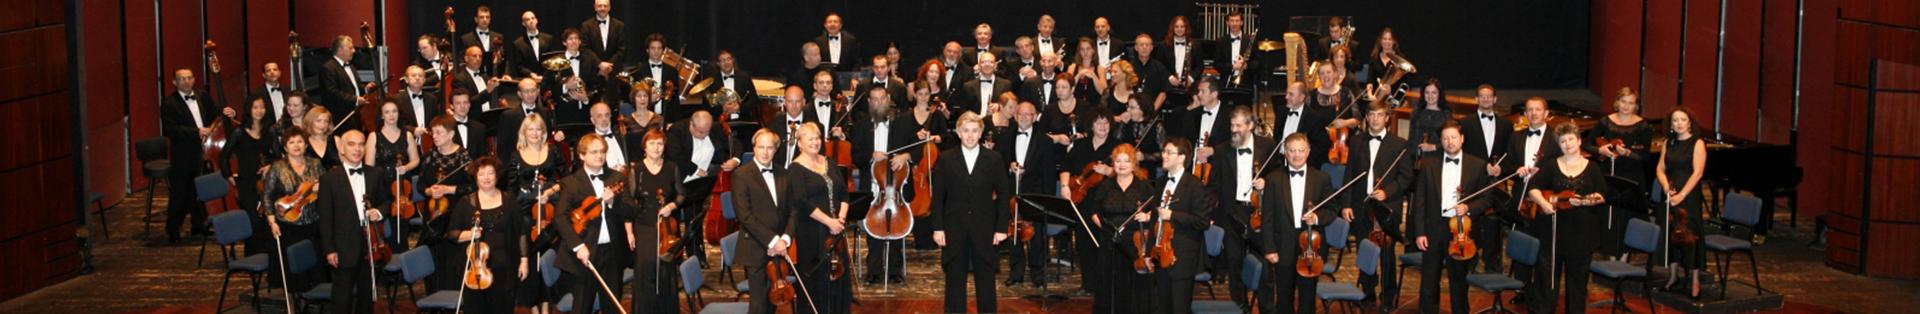 התזמורת הסימפונית ראשון לציון